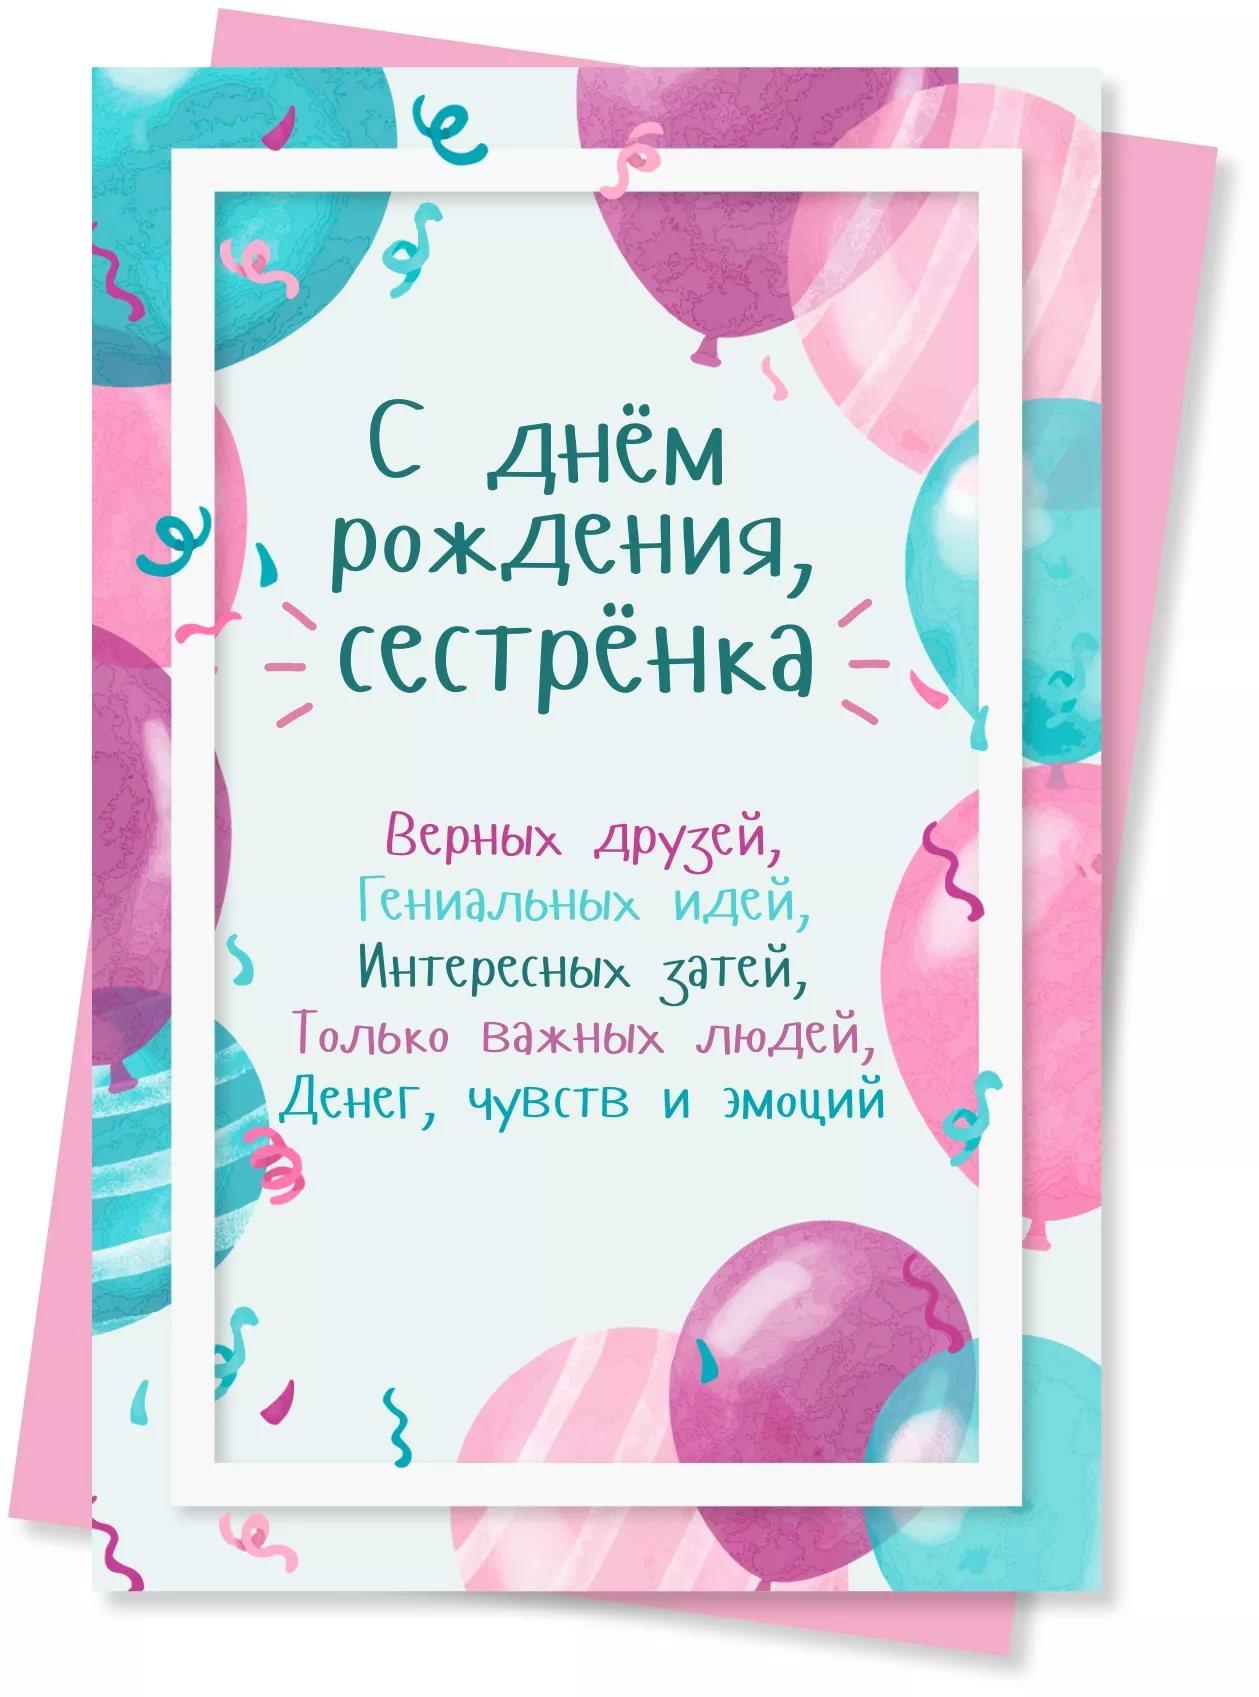 Милые поздравления с днем рождения двоюродной сестре 12